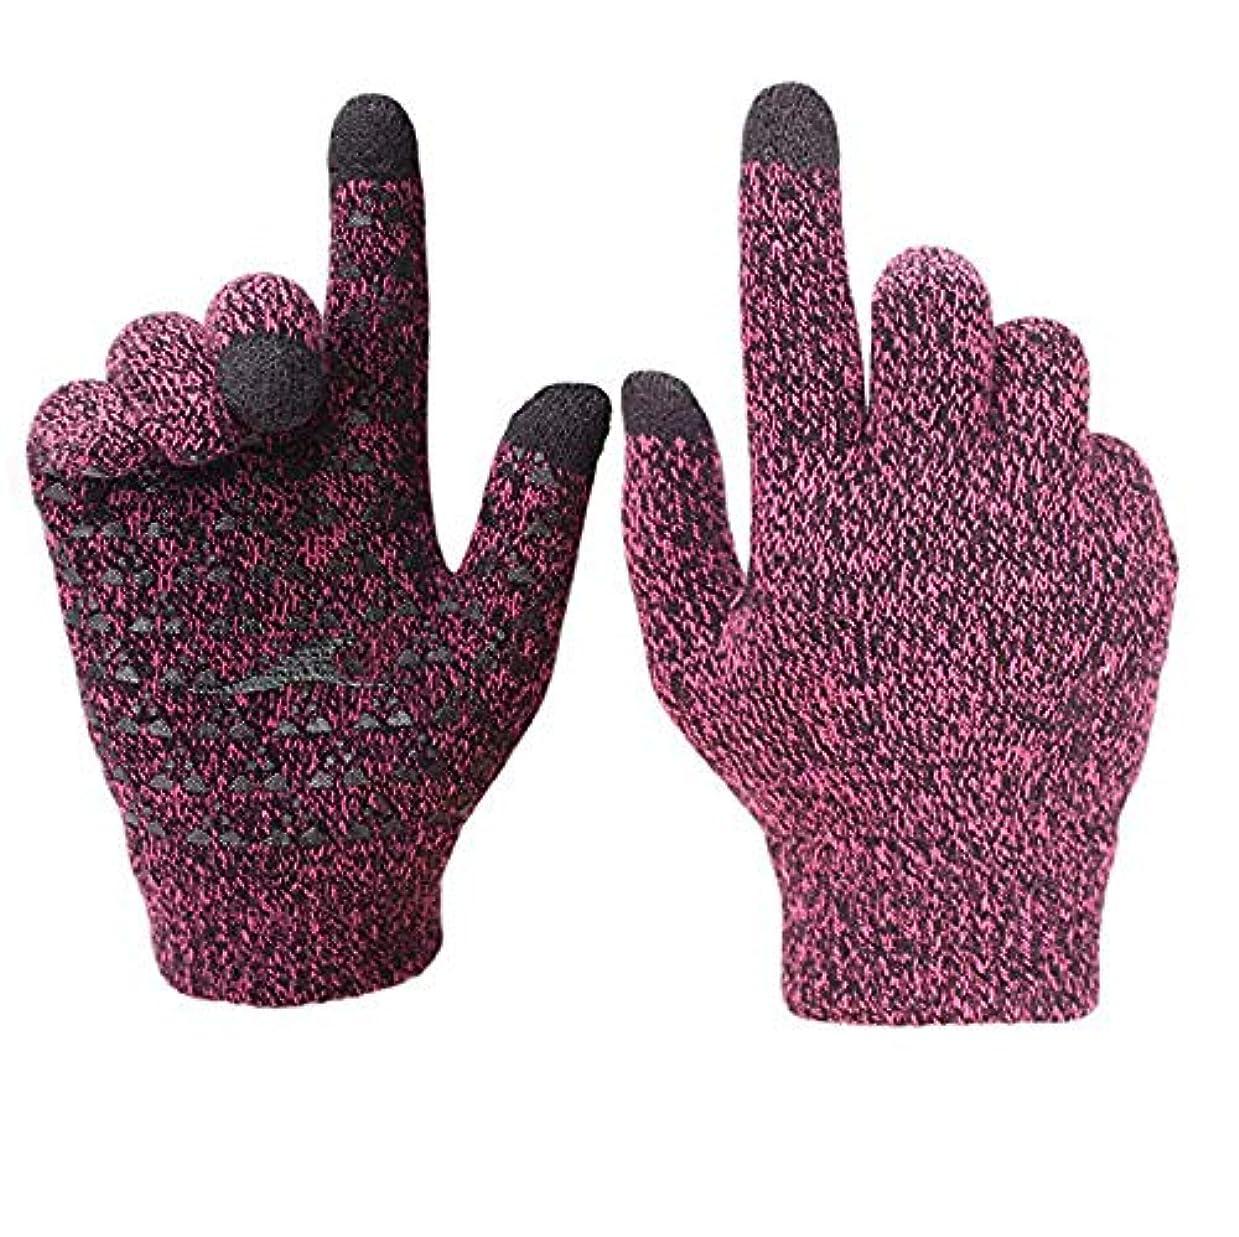 シチリアお香必要ない女性のための冬のニットグローブタッチスクリーン暖かいサーマルソフトライニング弾性カフテキストメッセージ滑り止めの選択